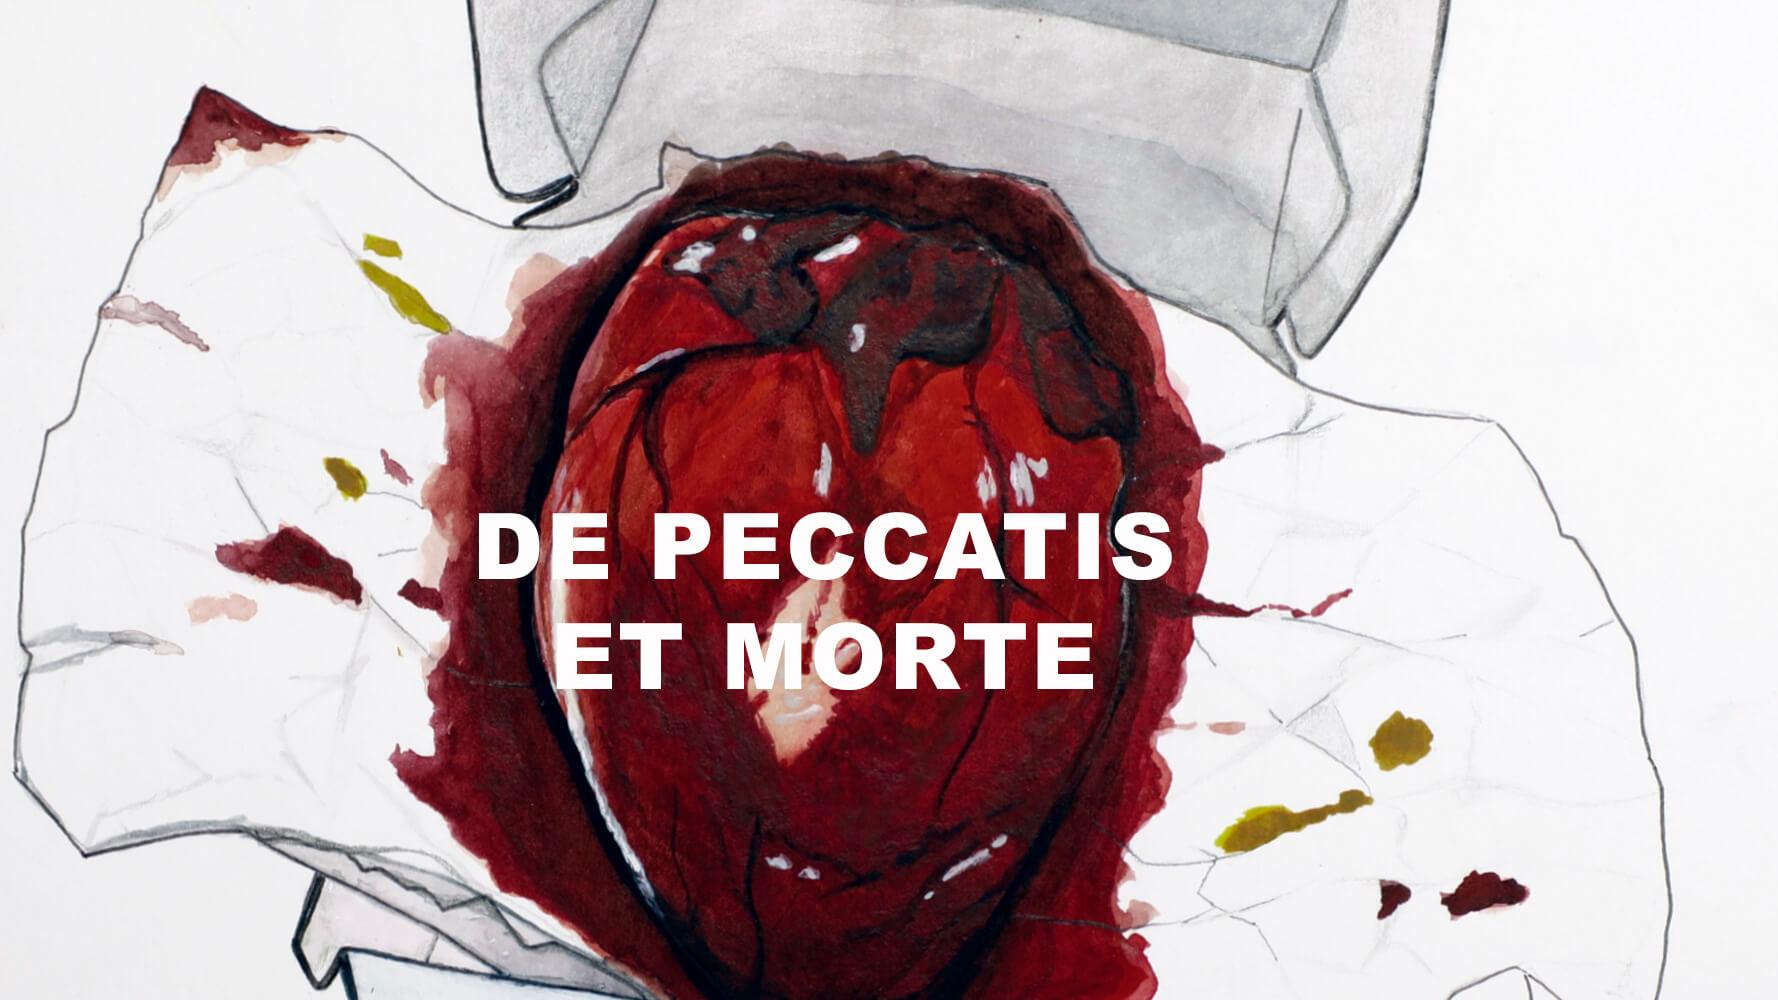 De-peccatis-et-morte-exposicion-colectiva-Horno-Art-Virtual-Galleryl-galeria-arte-ilustracion-decorativa-decoracion-portada-jcoin